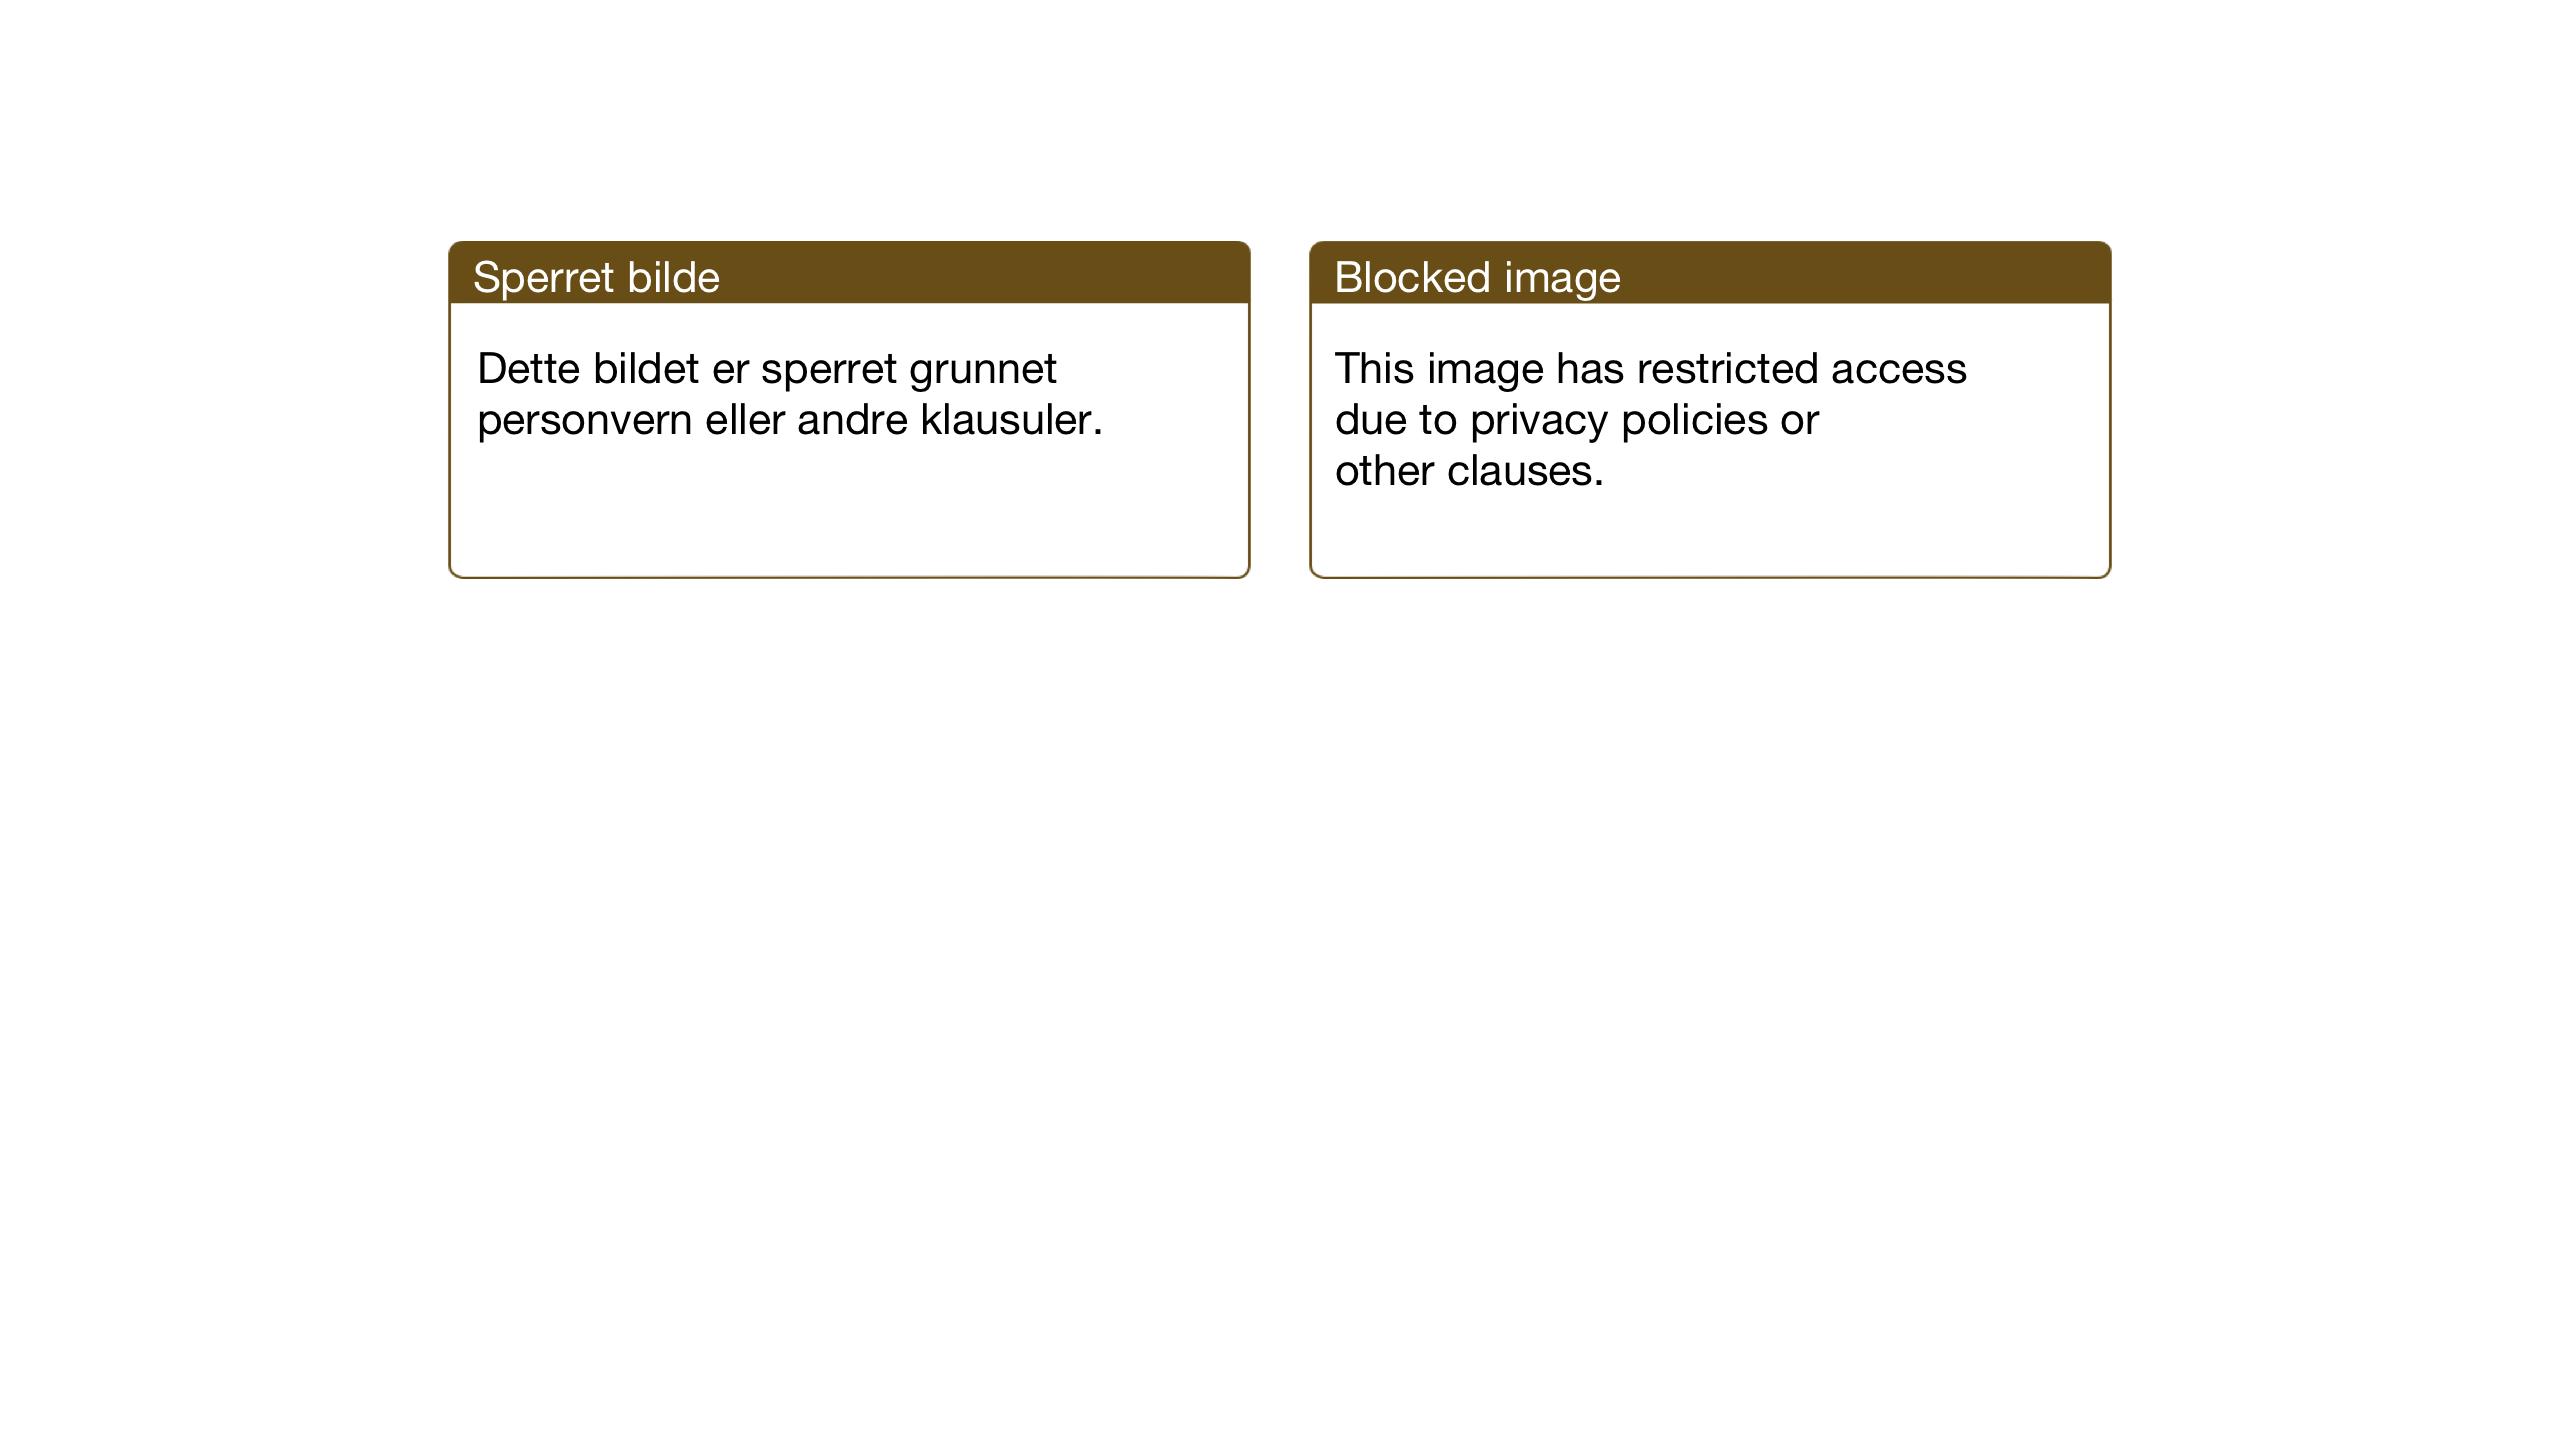 SAT, Ministerialprotokoller, klokkerbøker og fødselsregistre - Sør-Trøndelag, 655/L0690: Klokkerbok nr. 655C06, 1937-1950, s. 63